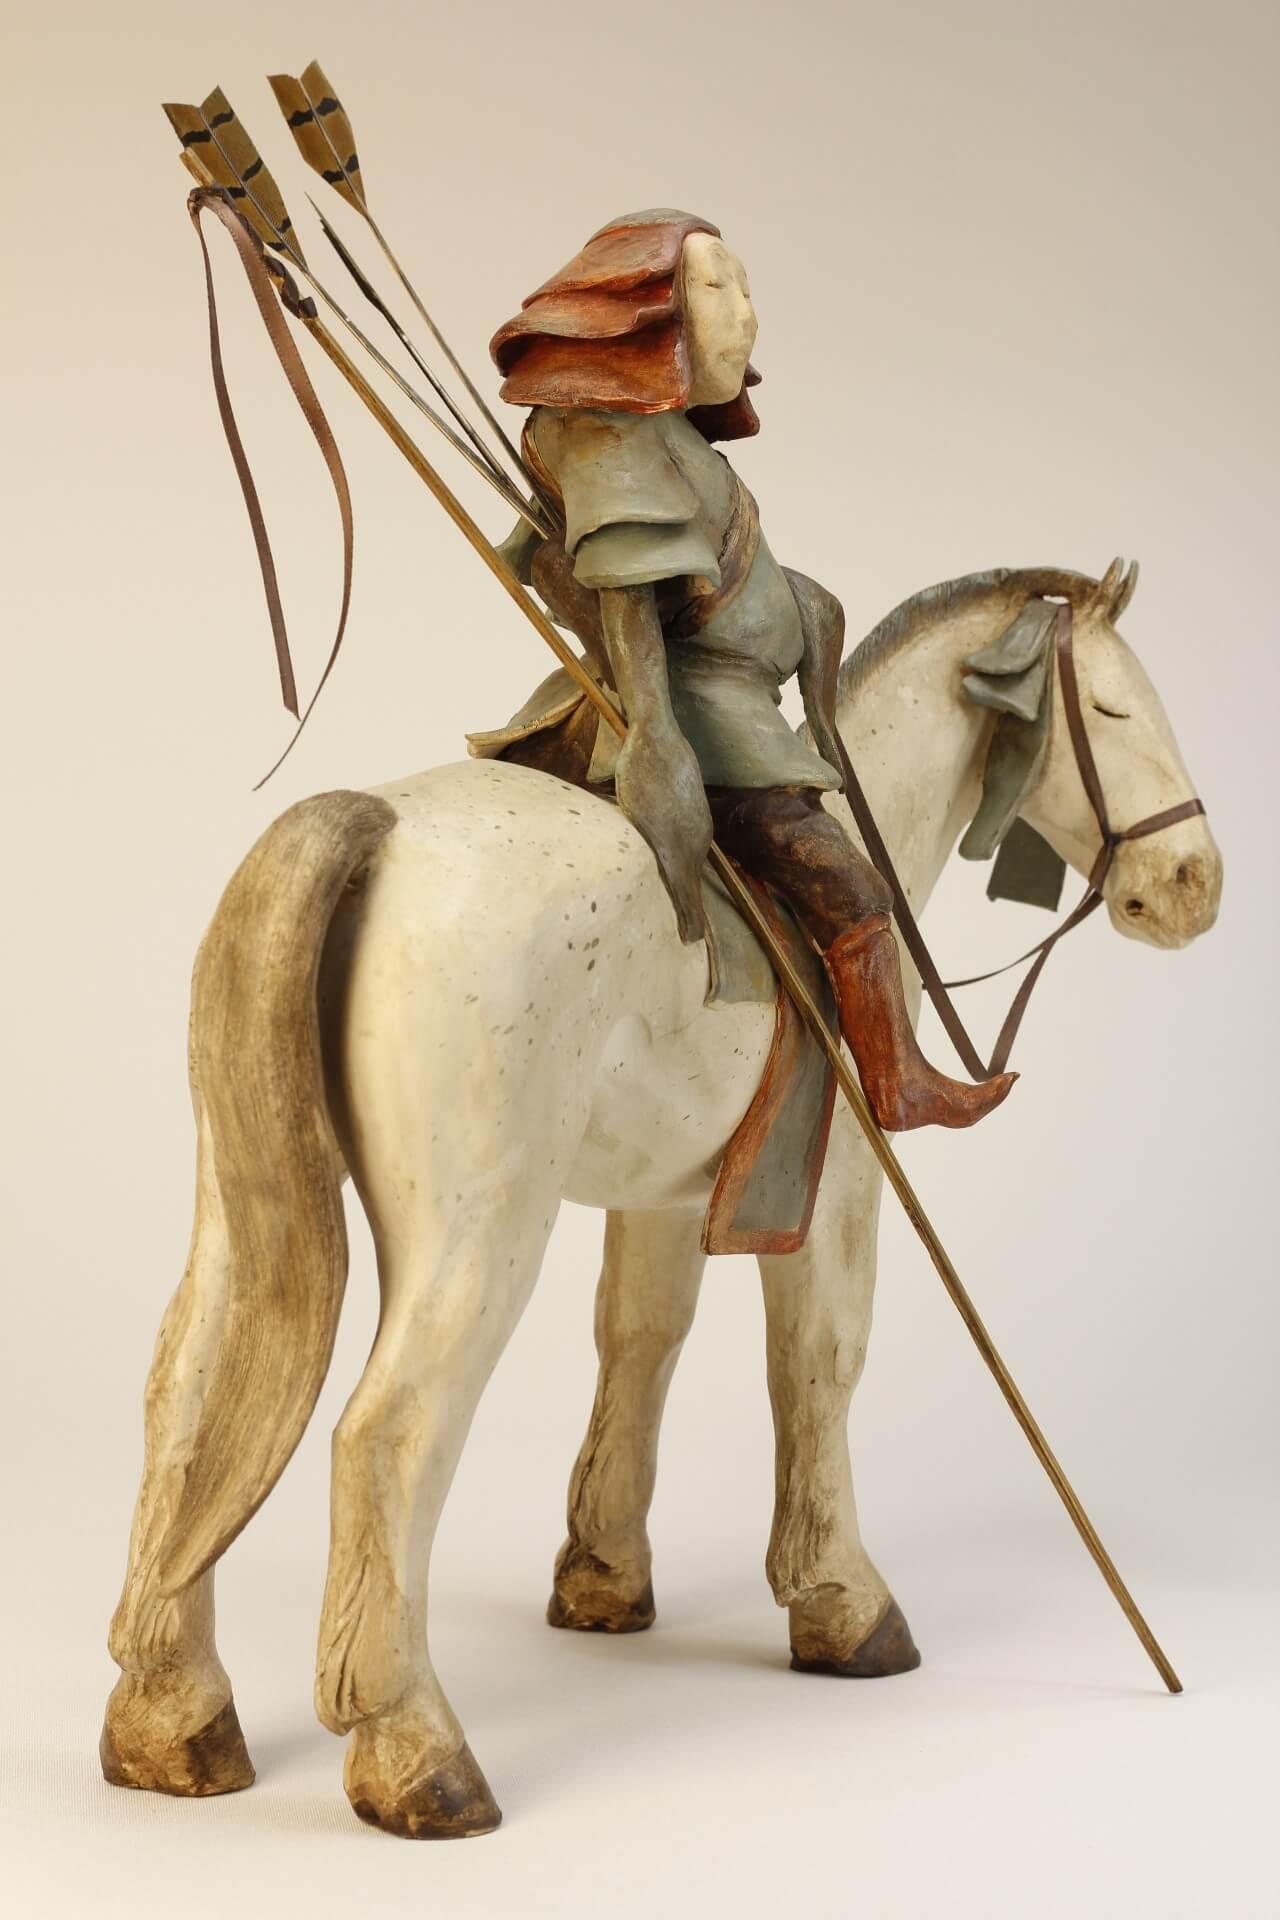 prince de mongolie-sculpture-céramique